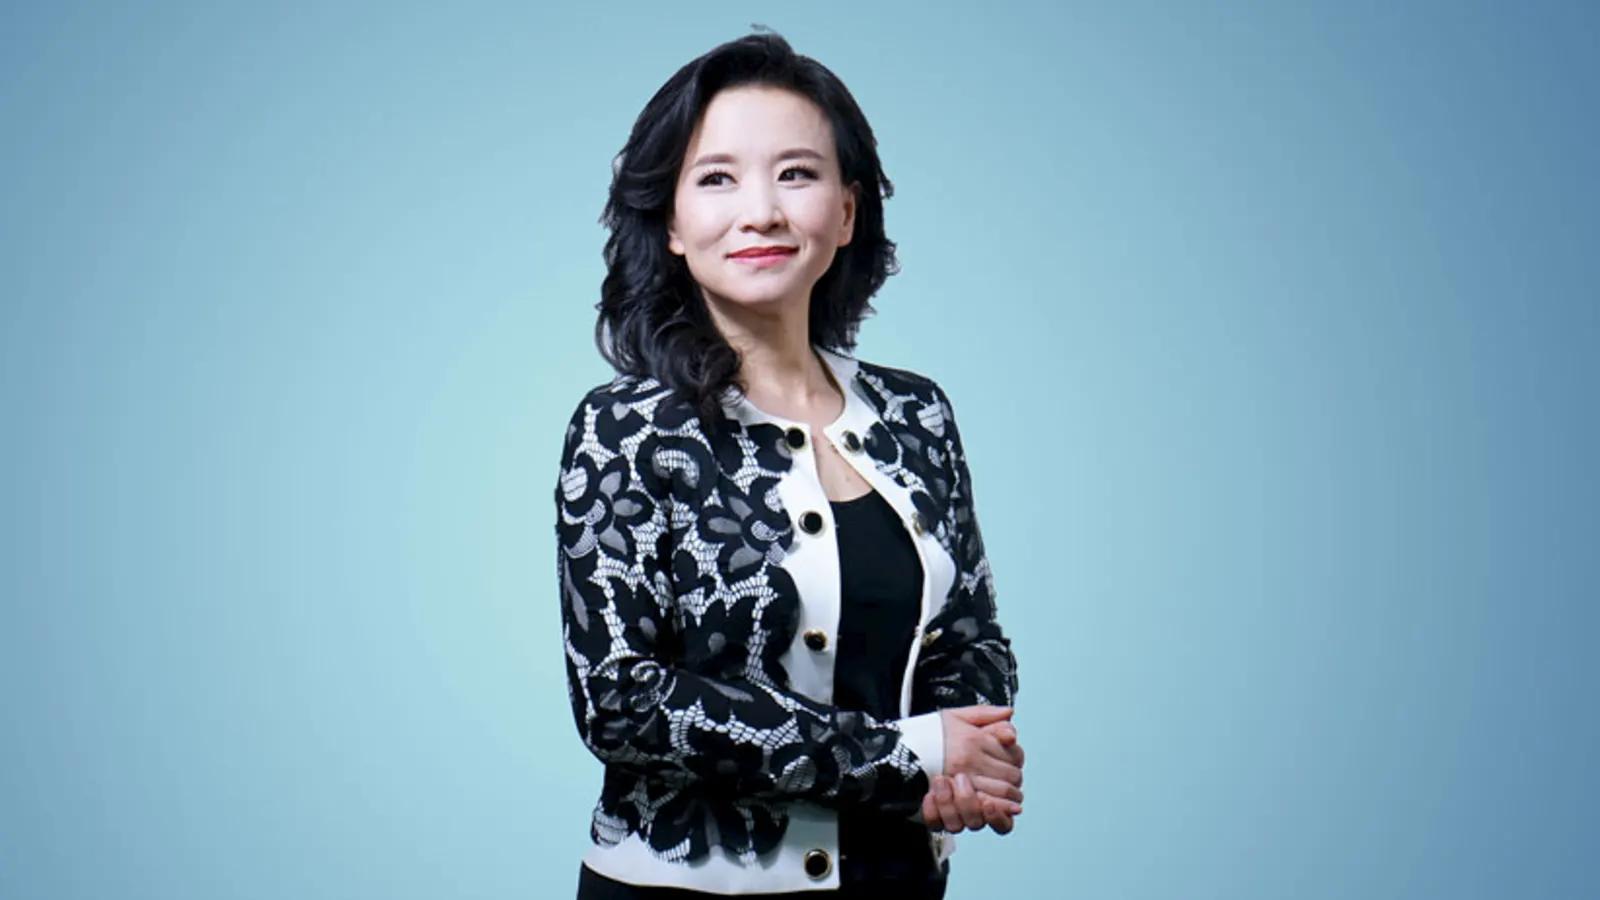 中國央視澳籍女記者成蕾。(圖片來源:作者提供)